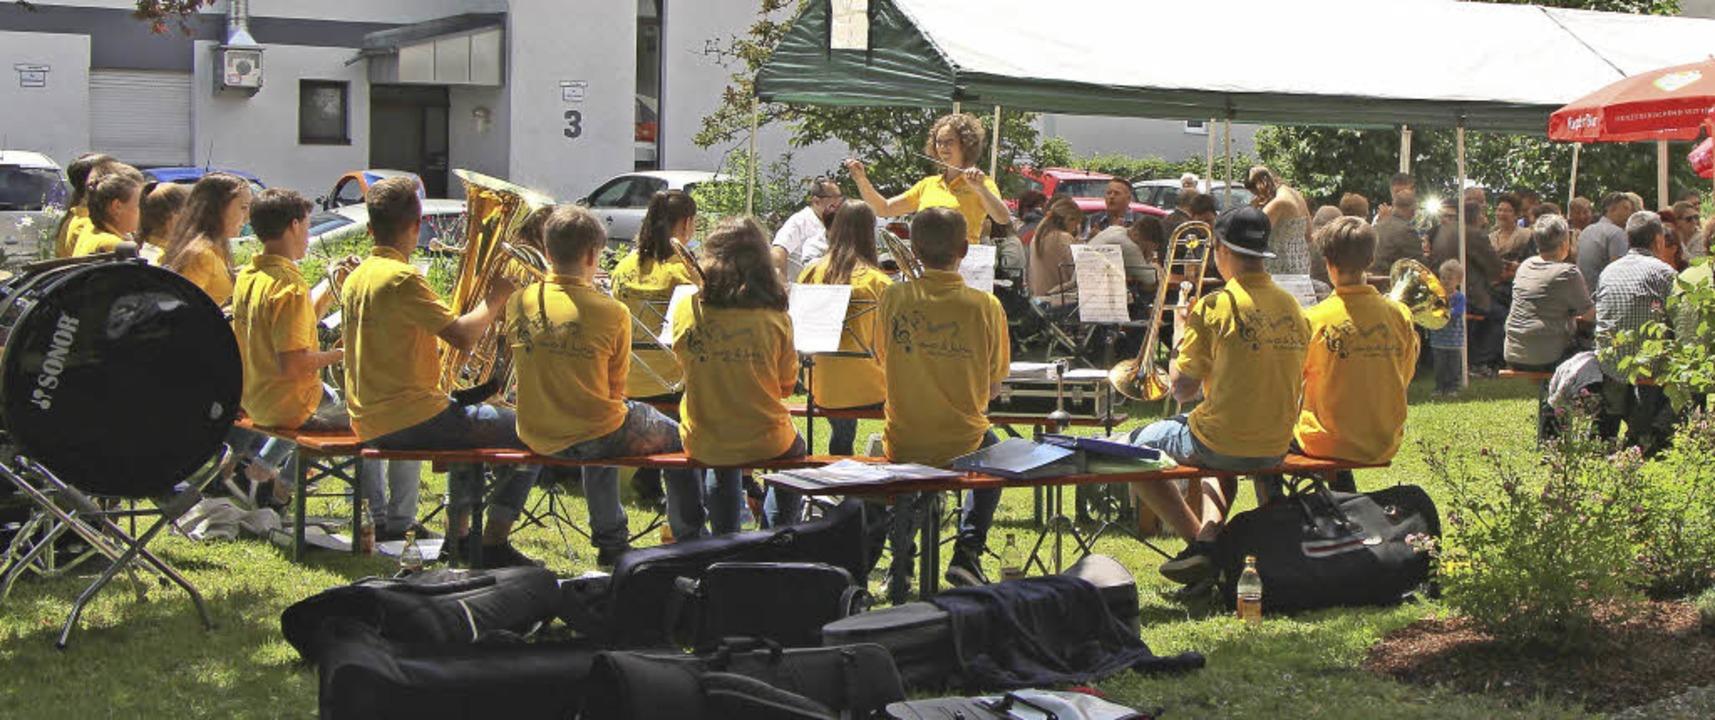 Die Riegeler Jungmusiker spielte beim Gemeindefest.  | Foto: Helmut Hassler